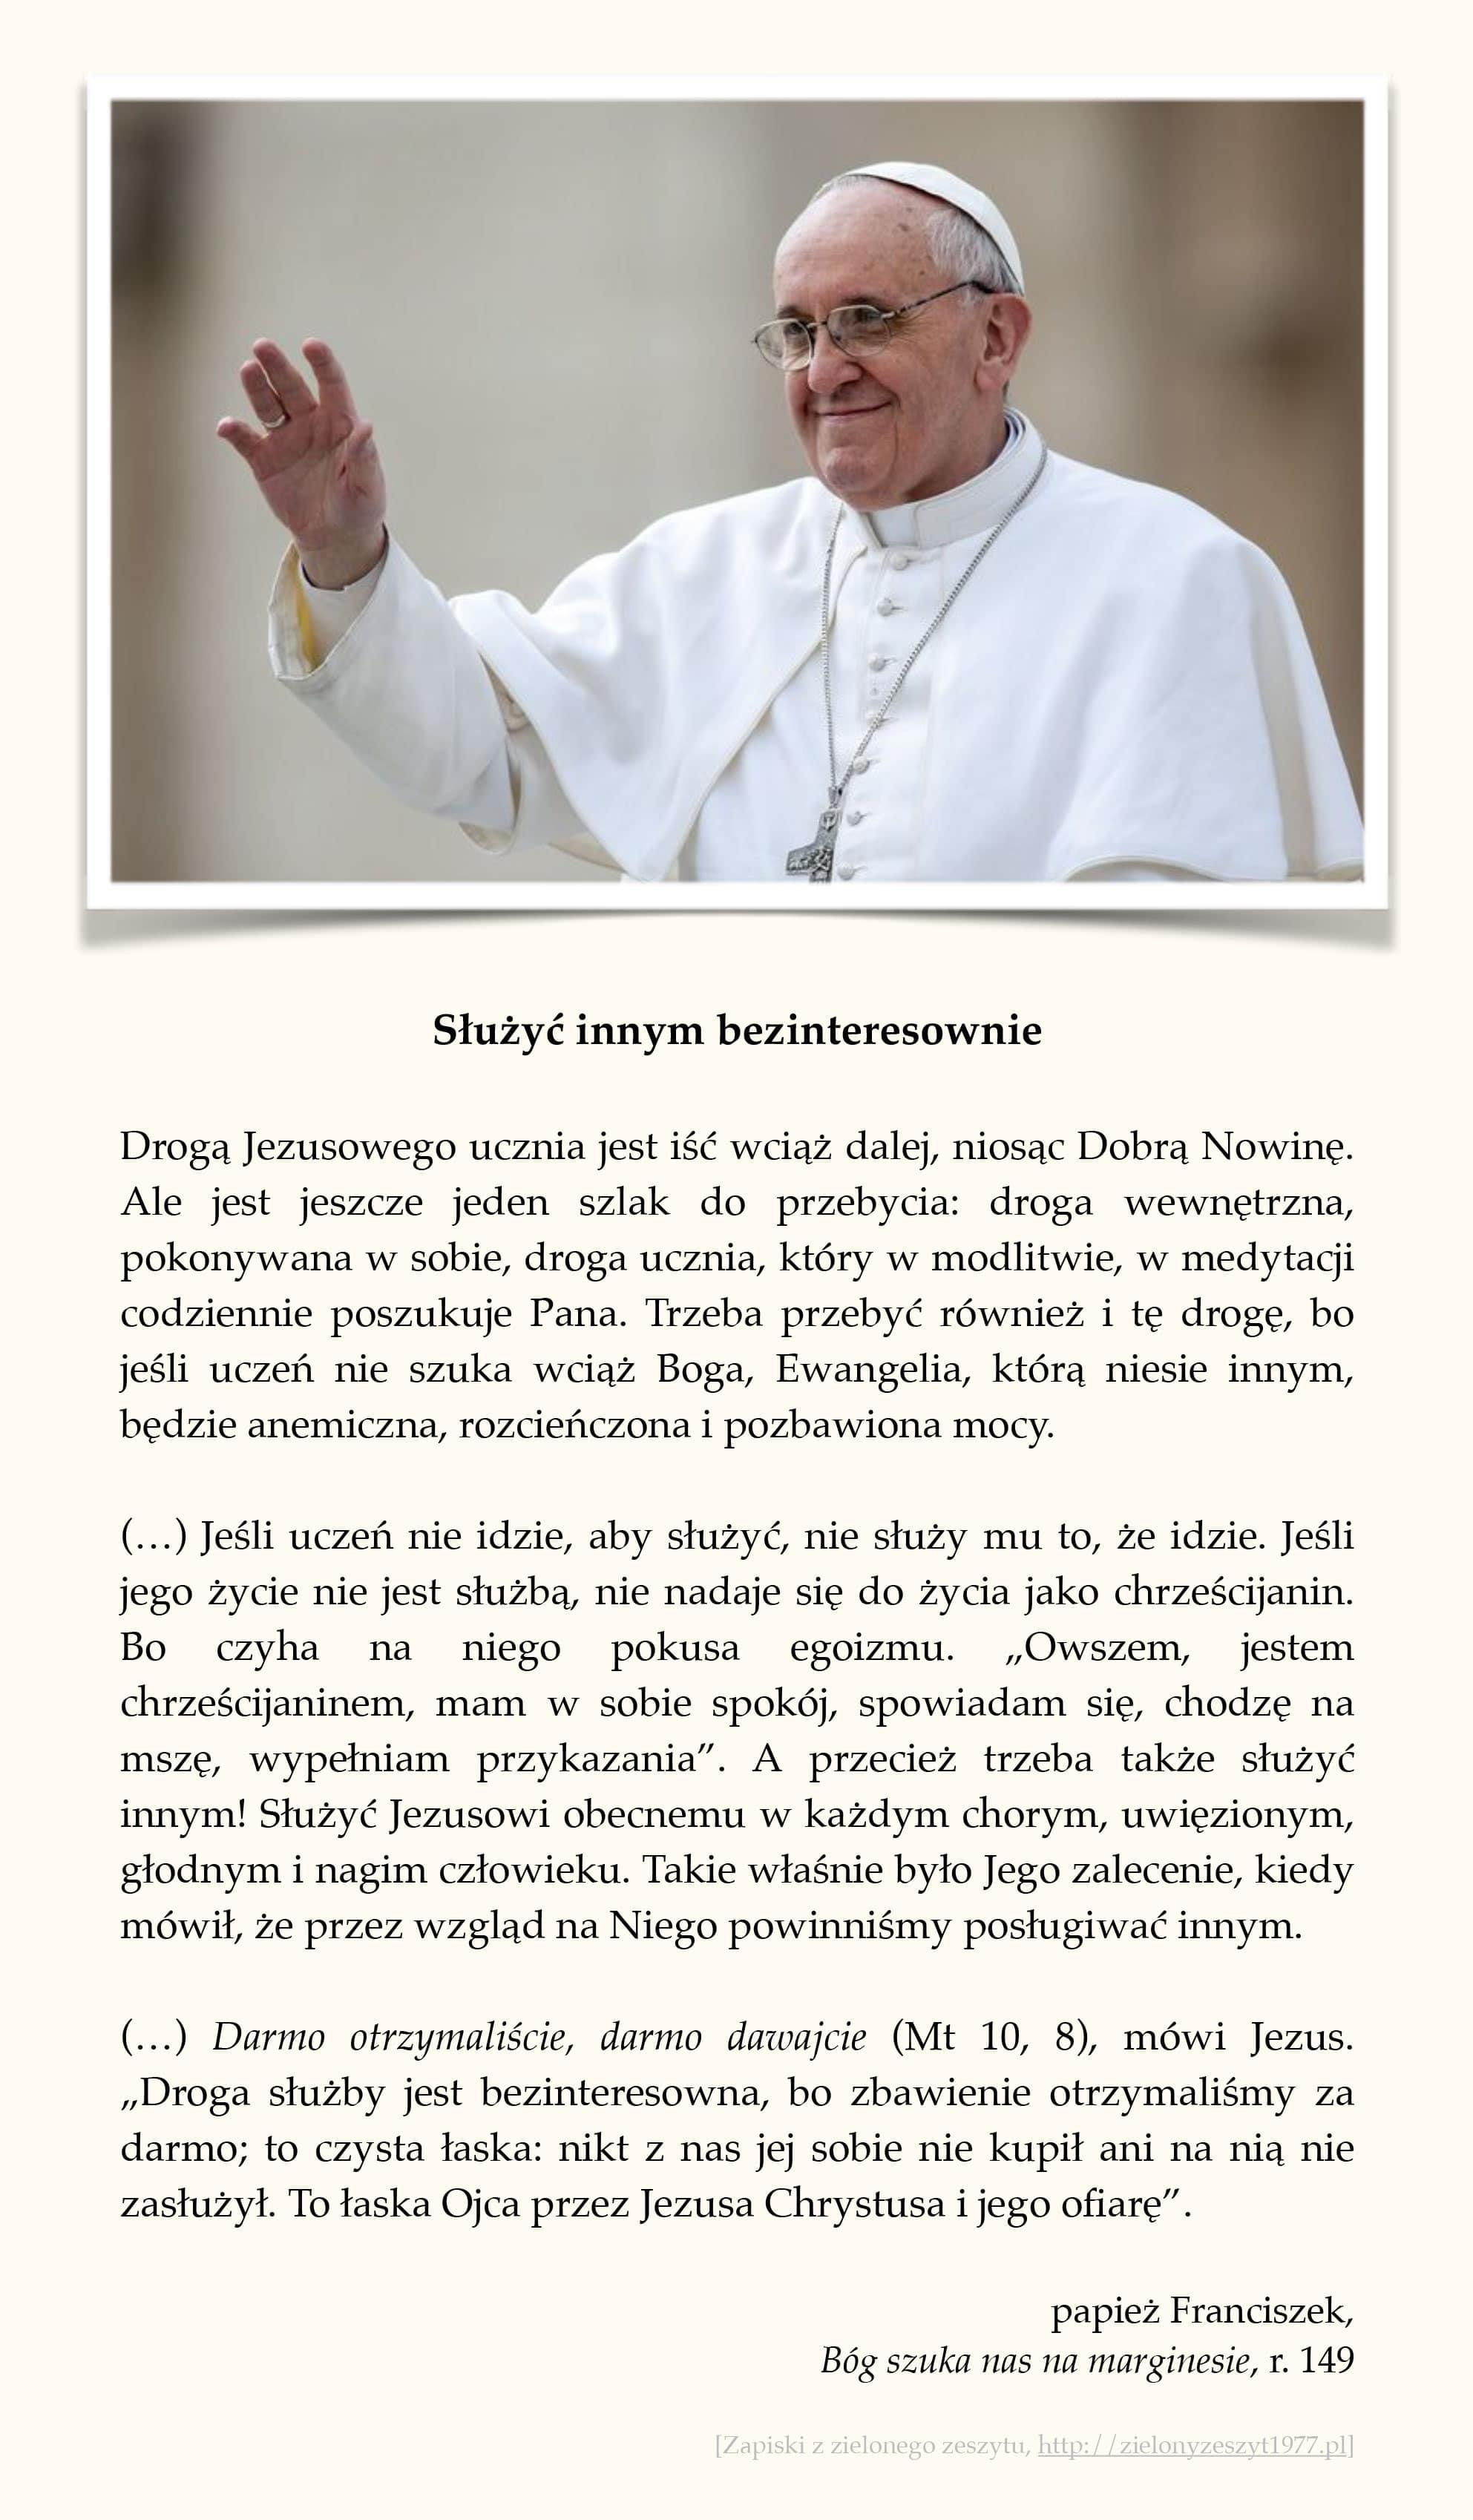 """papież Franciszek, """"Bóg szuka nas na marginesie"""", r. 149 (Służyć innym bezinteresownie)"""